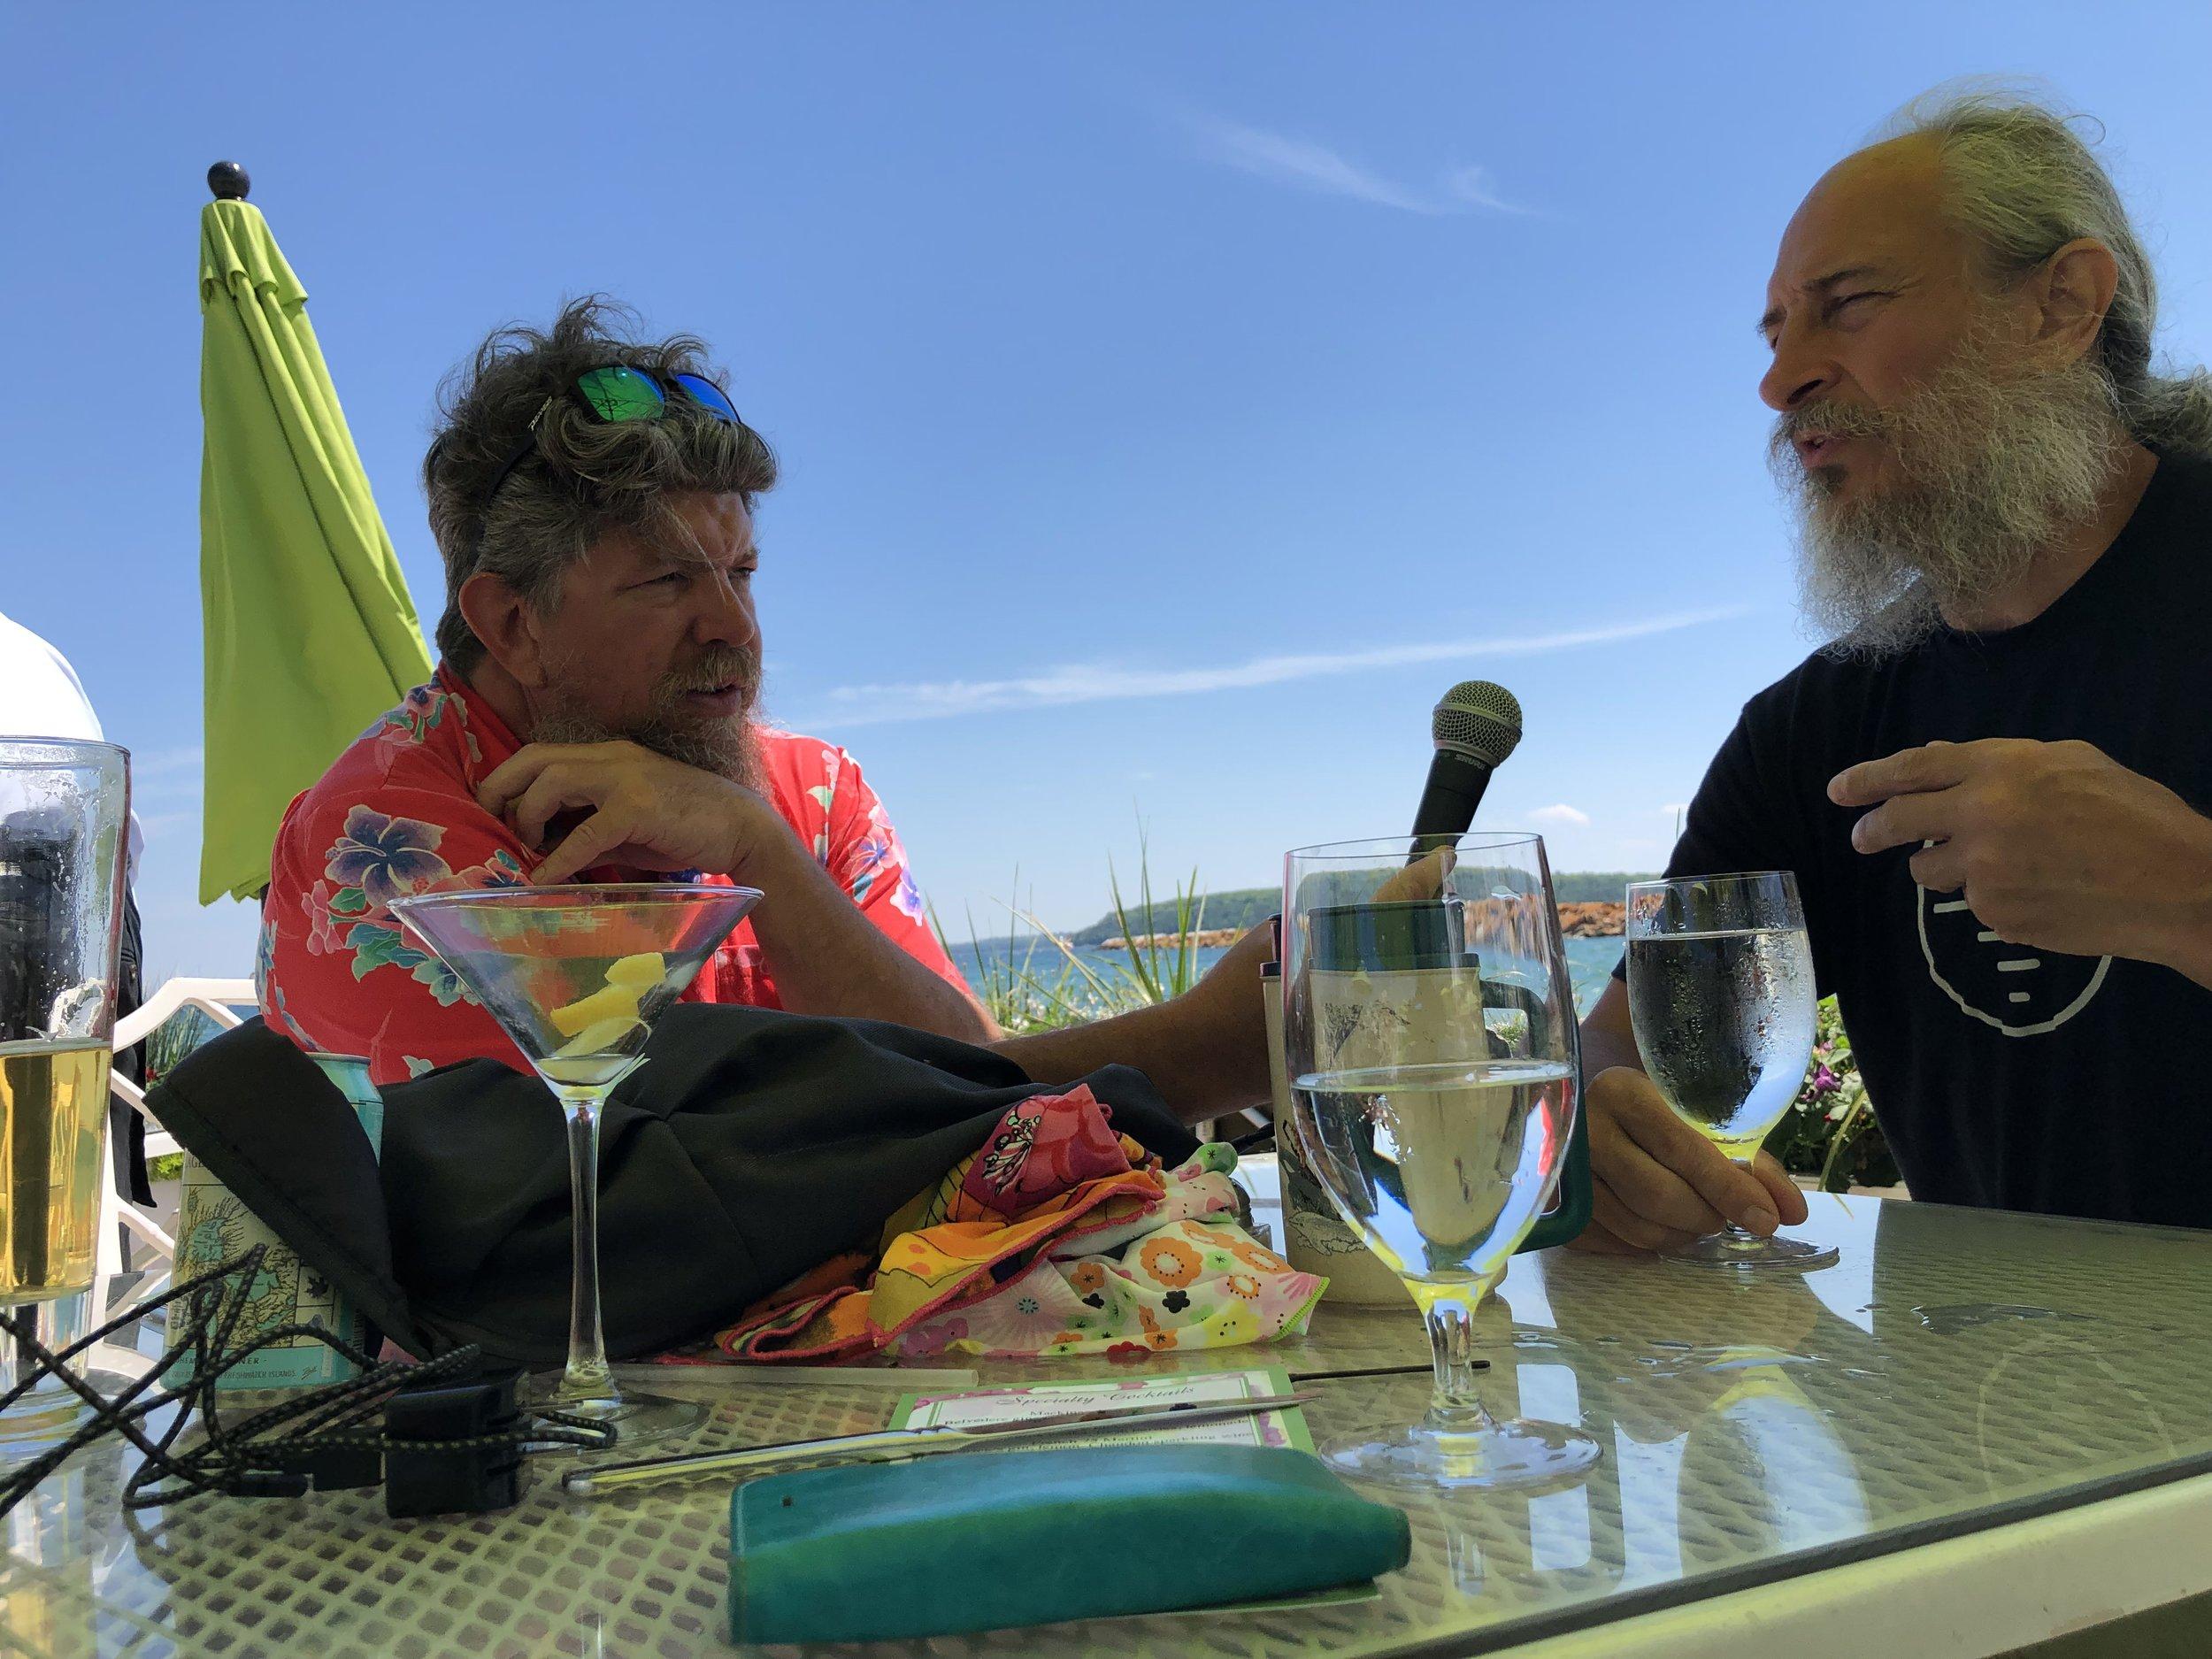 Ted interviewing Kurt Steiner